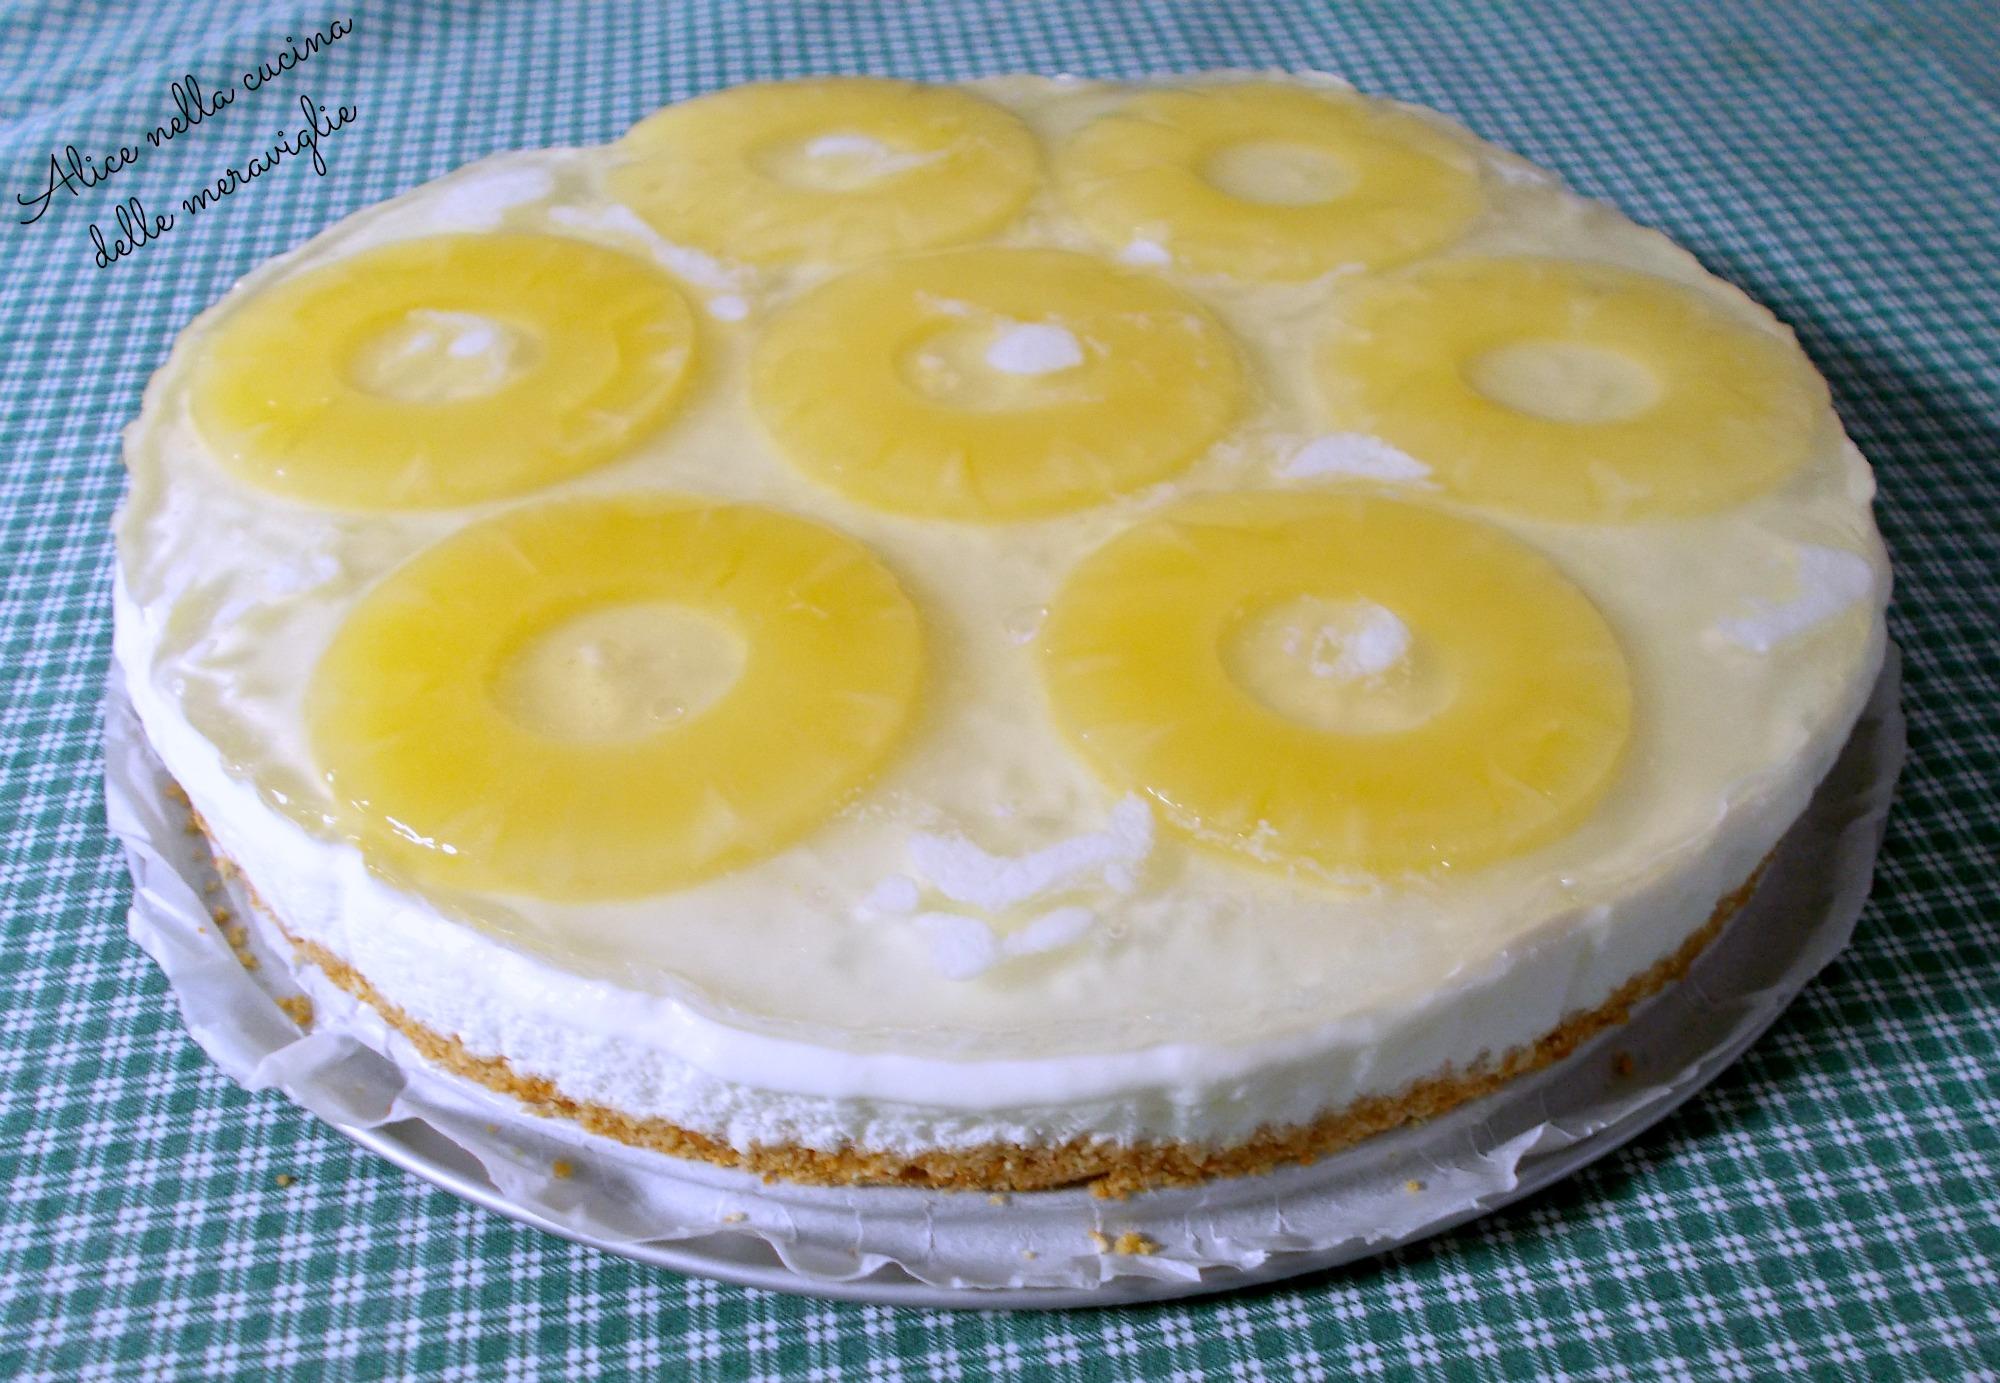 Torta fredda allo yogurt e ananas Ricetta dolce senza forno Alice nella cucina delle meraviglie